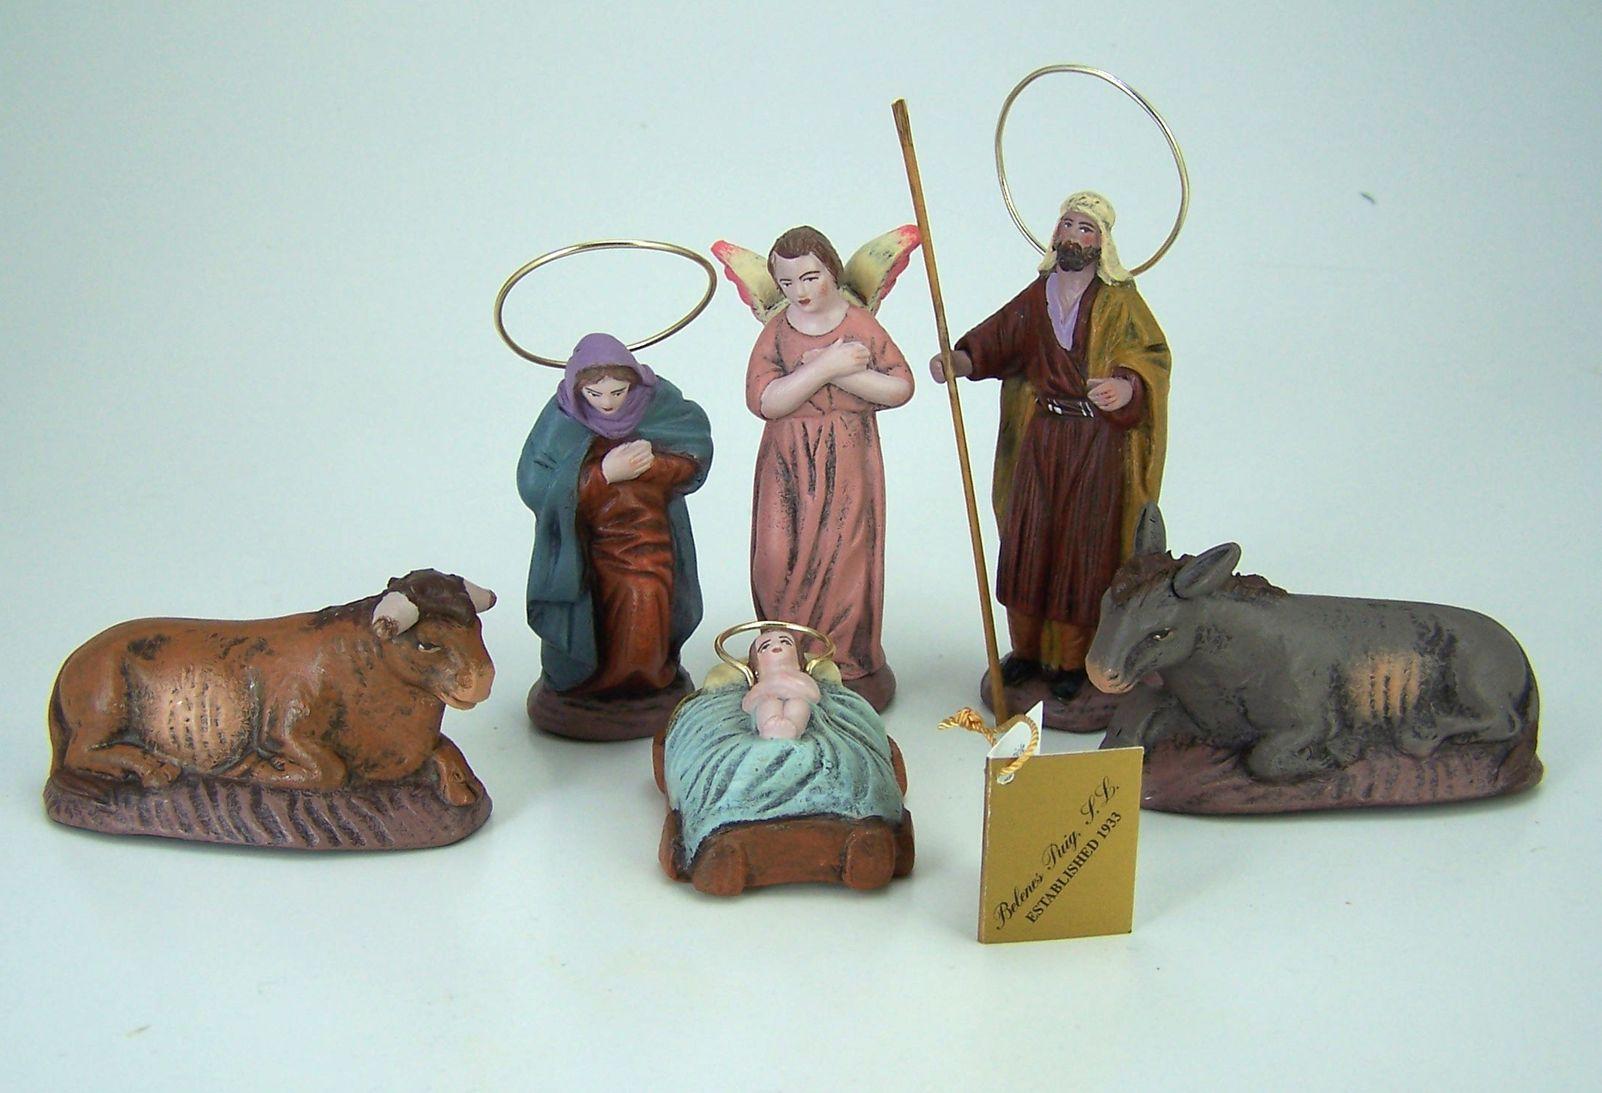 Puig Krippenfiguren aus Spanien Hl. Familie 6tlg. 8 cm. Aus Ton ...